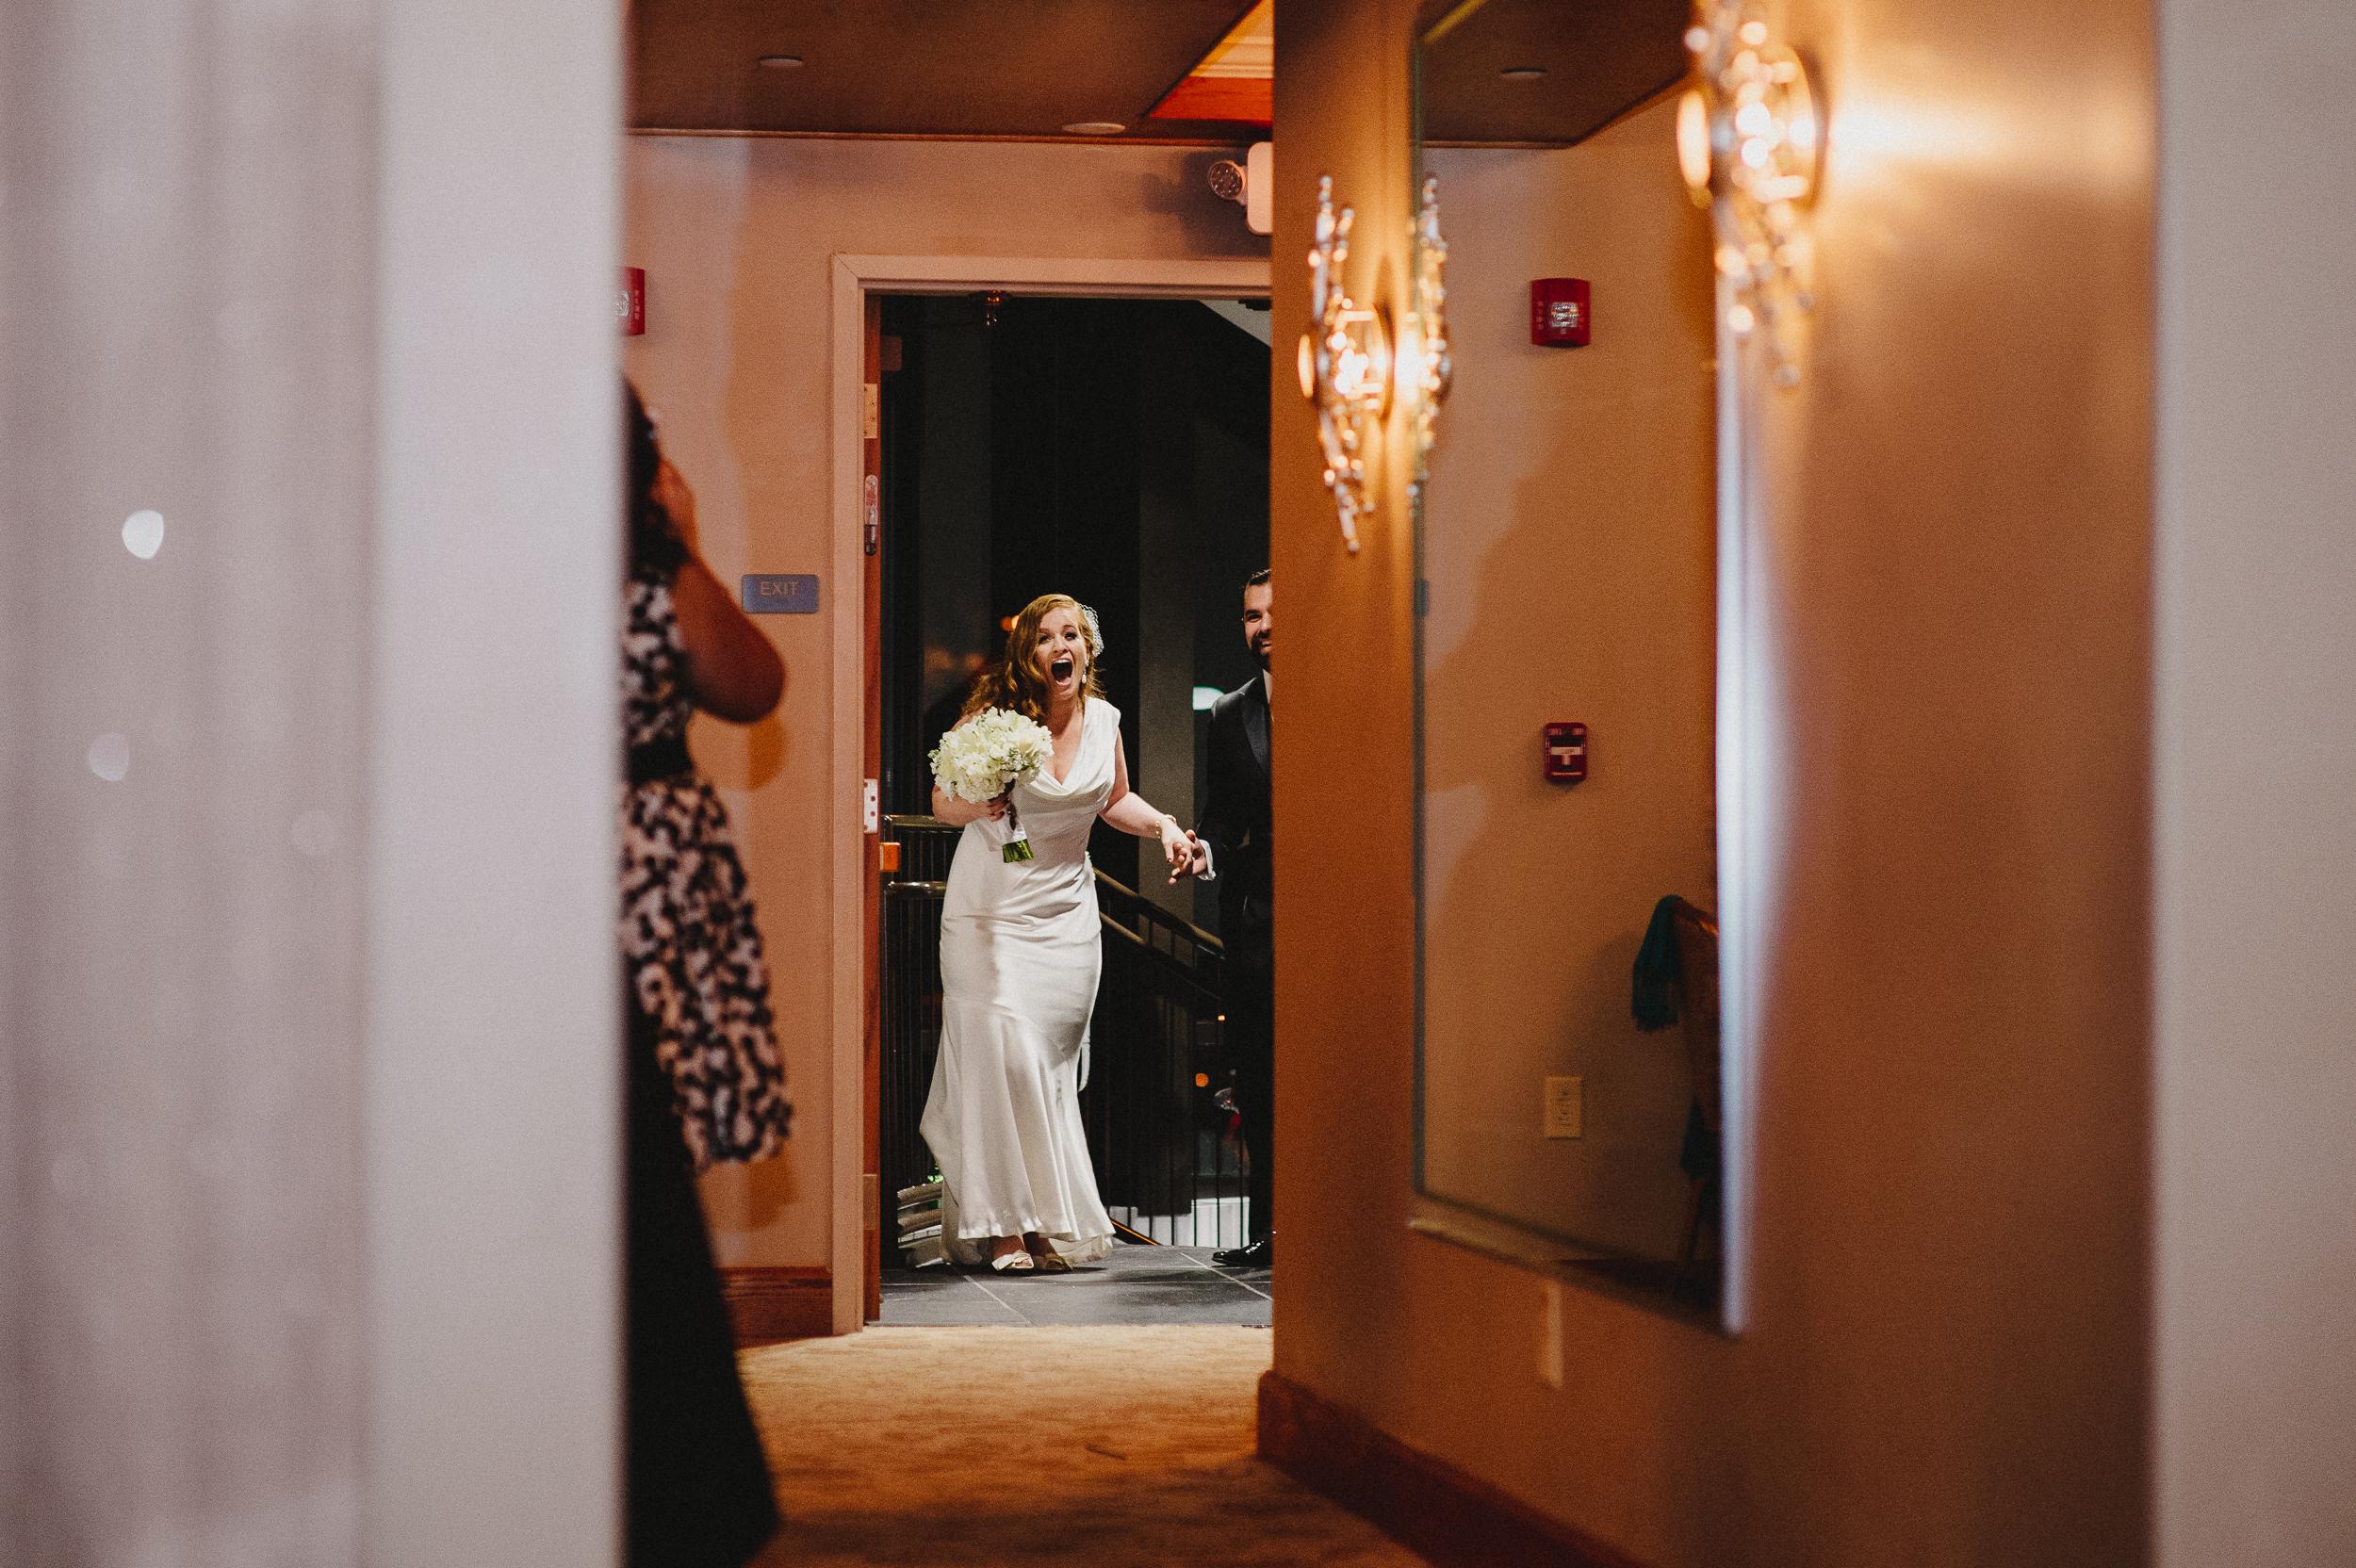 lambertville-station-wedding-photographer-46.jpg